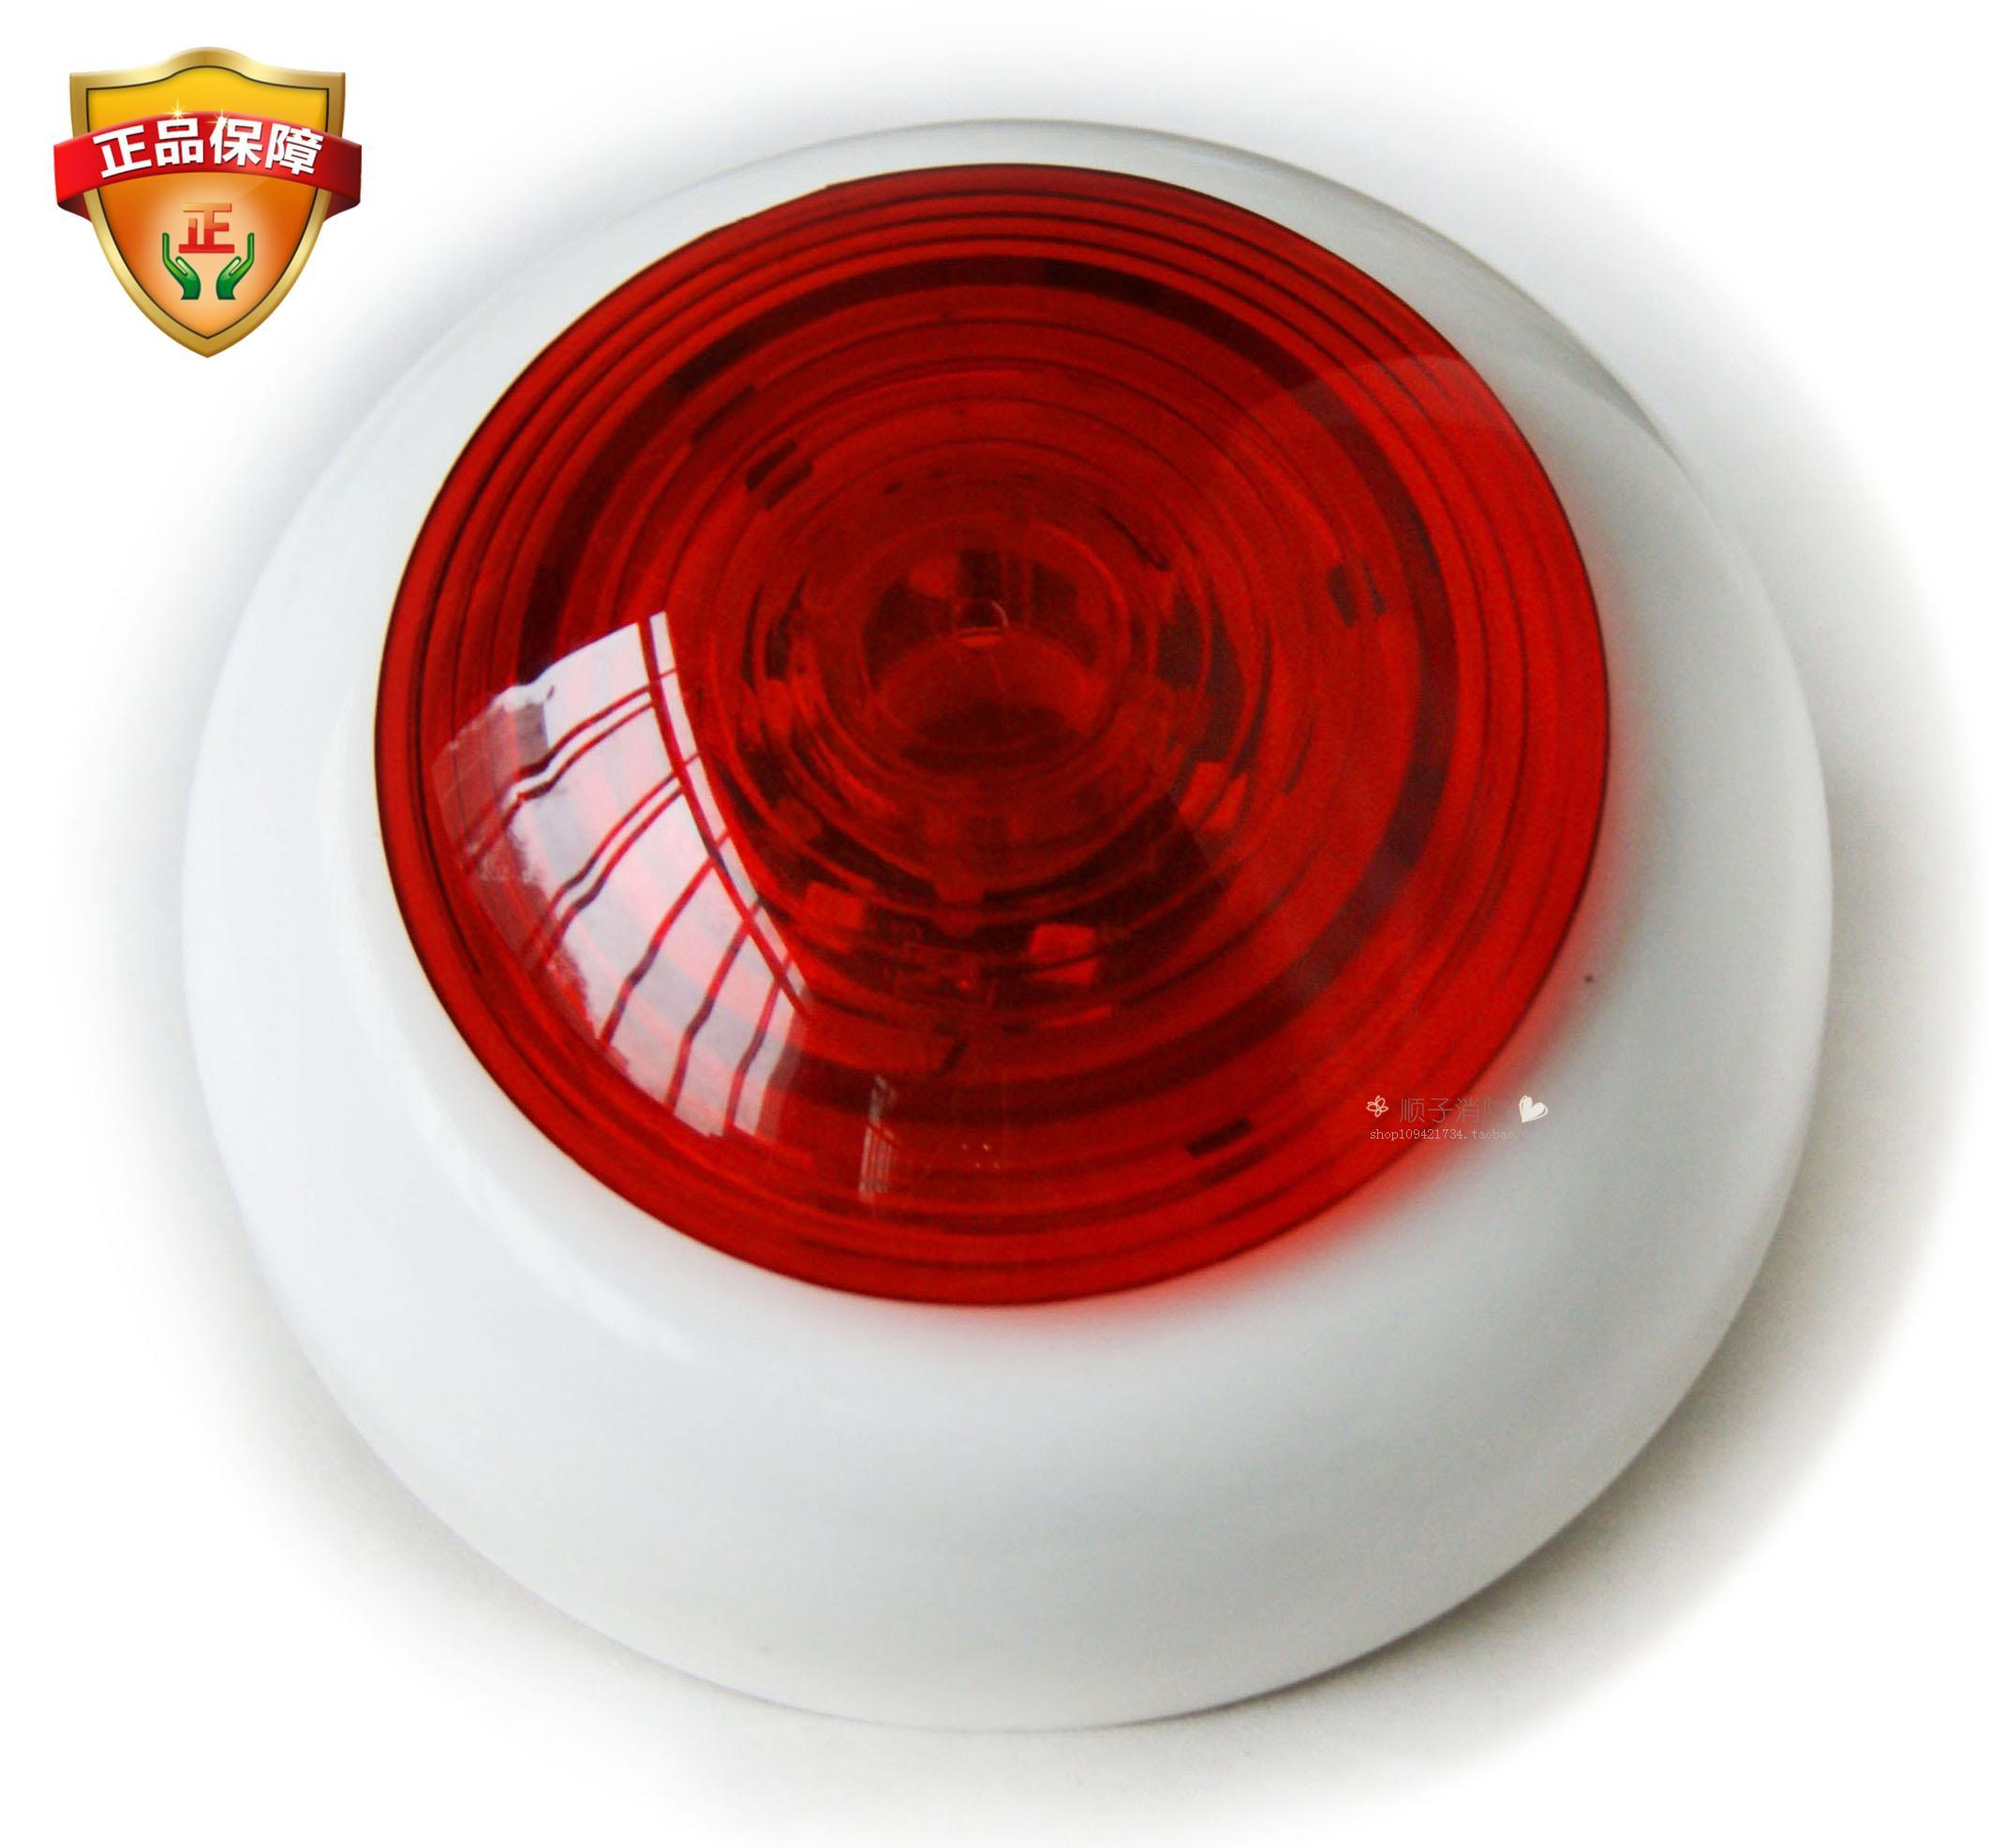 Оборудование охранно-пожарных систем Артикул 40510837359